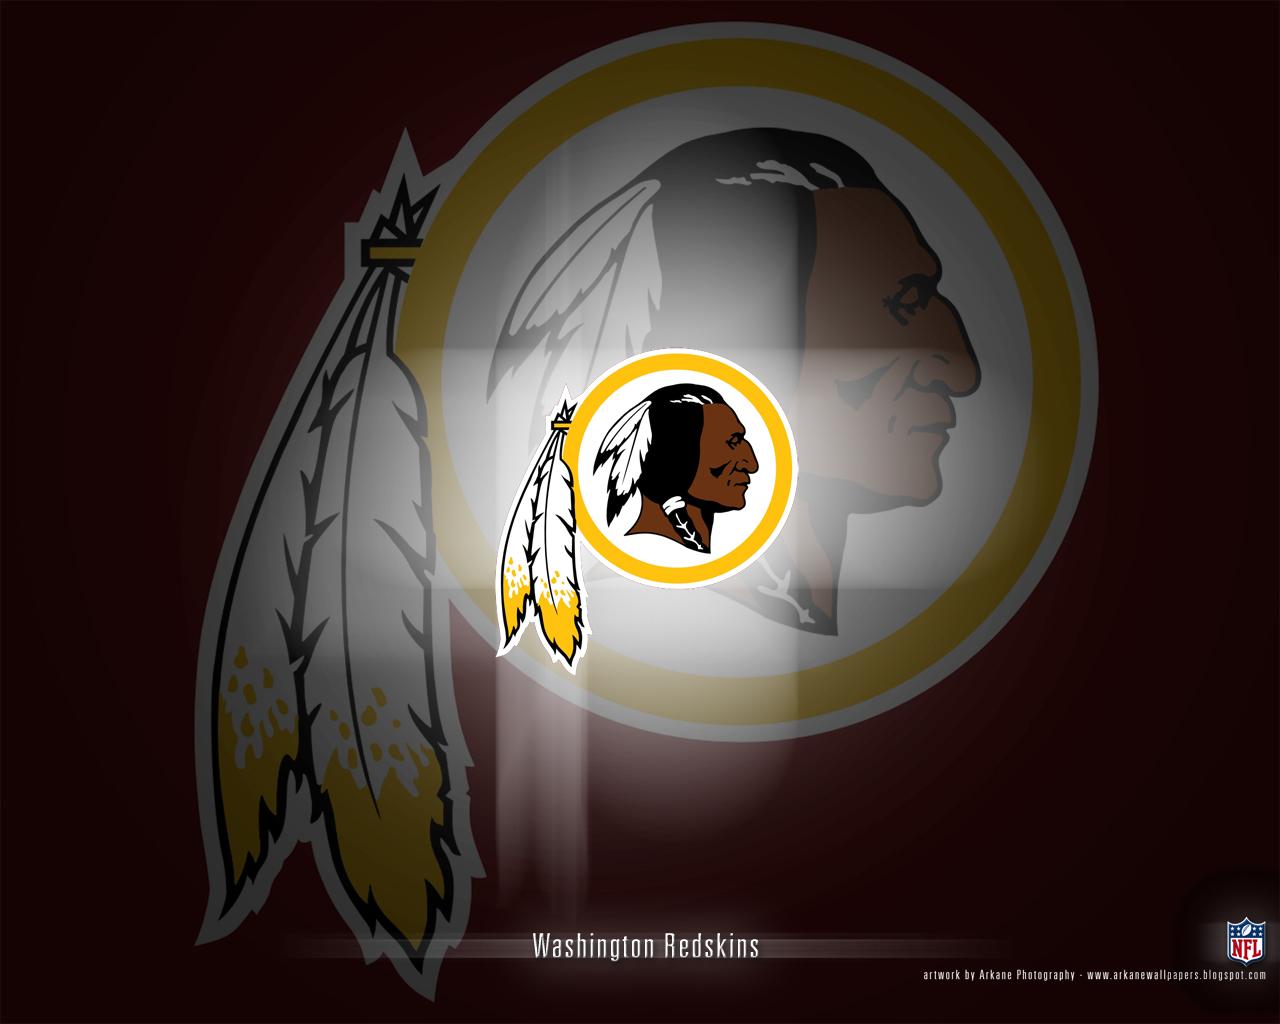 http://1.bp.blogspot.com/_JuYYGgmnUQU/SwRhNQaZZsI/AAAAAAAAAbQ/mu8PeA5T2yU/s1600/Washington+Redskins.jpeg